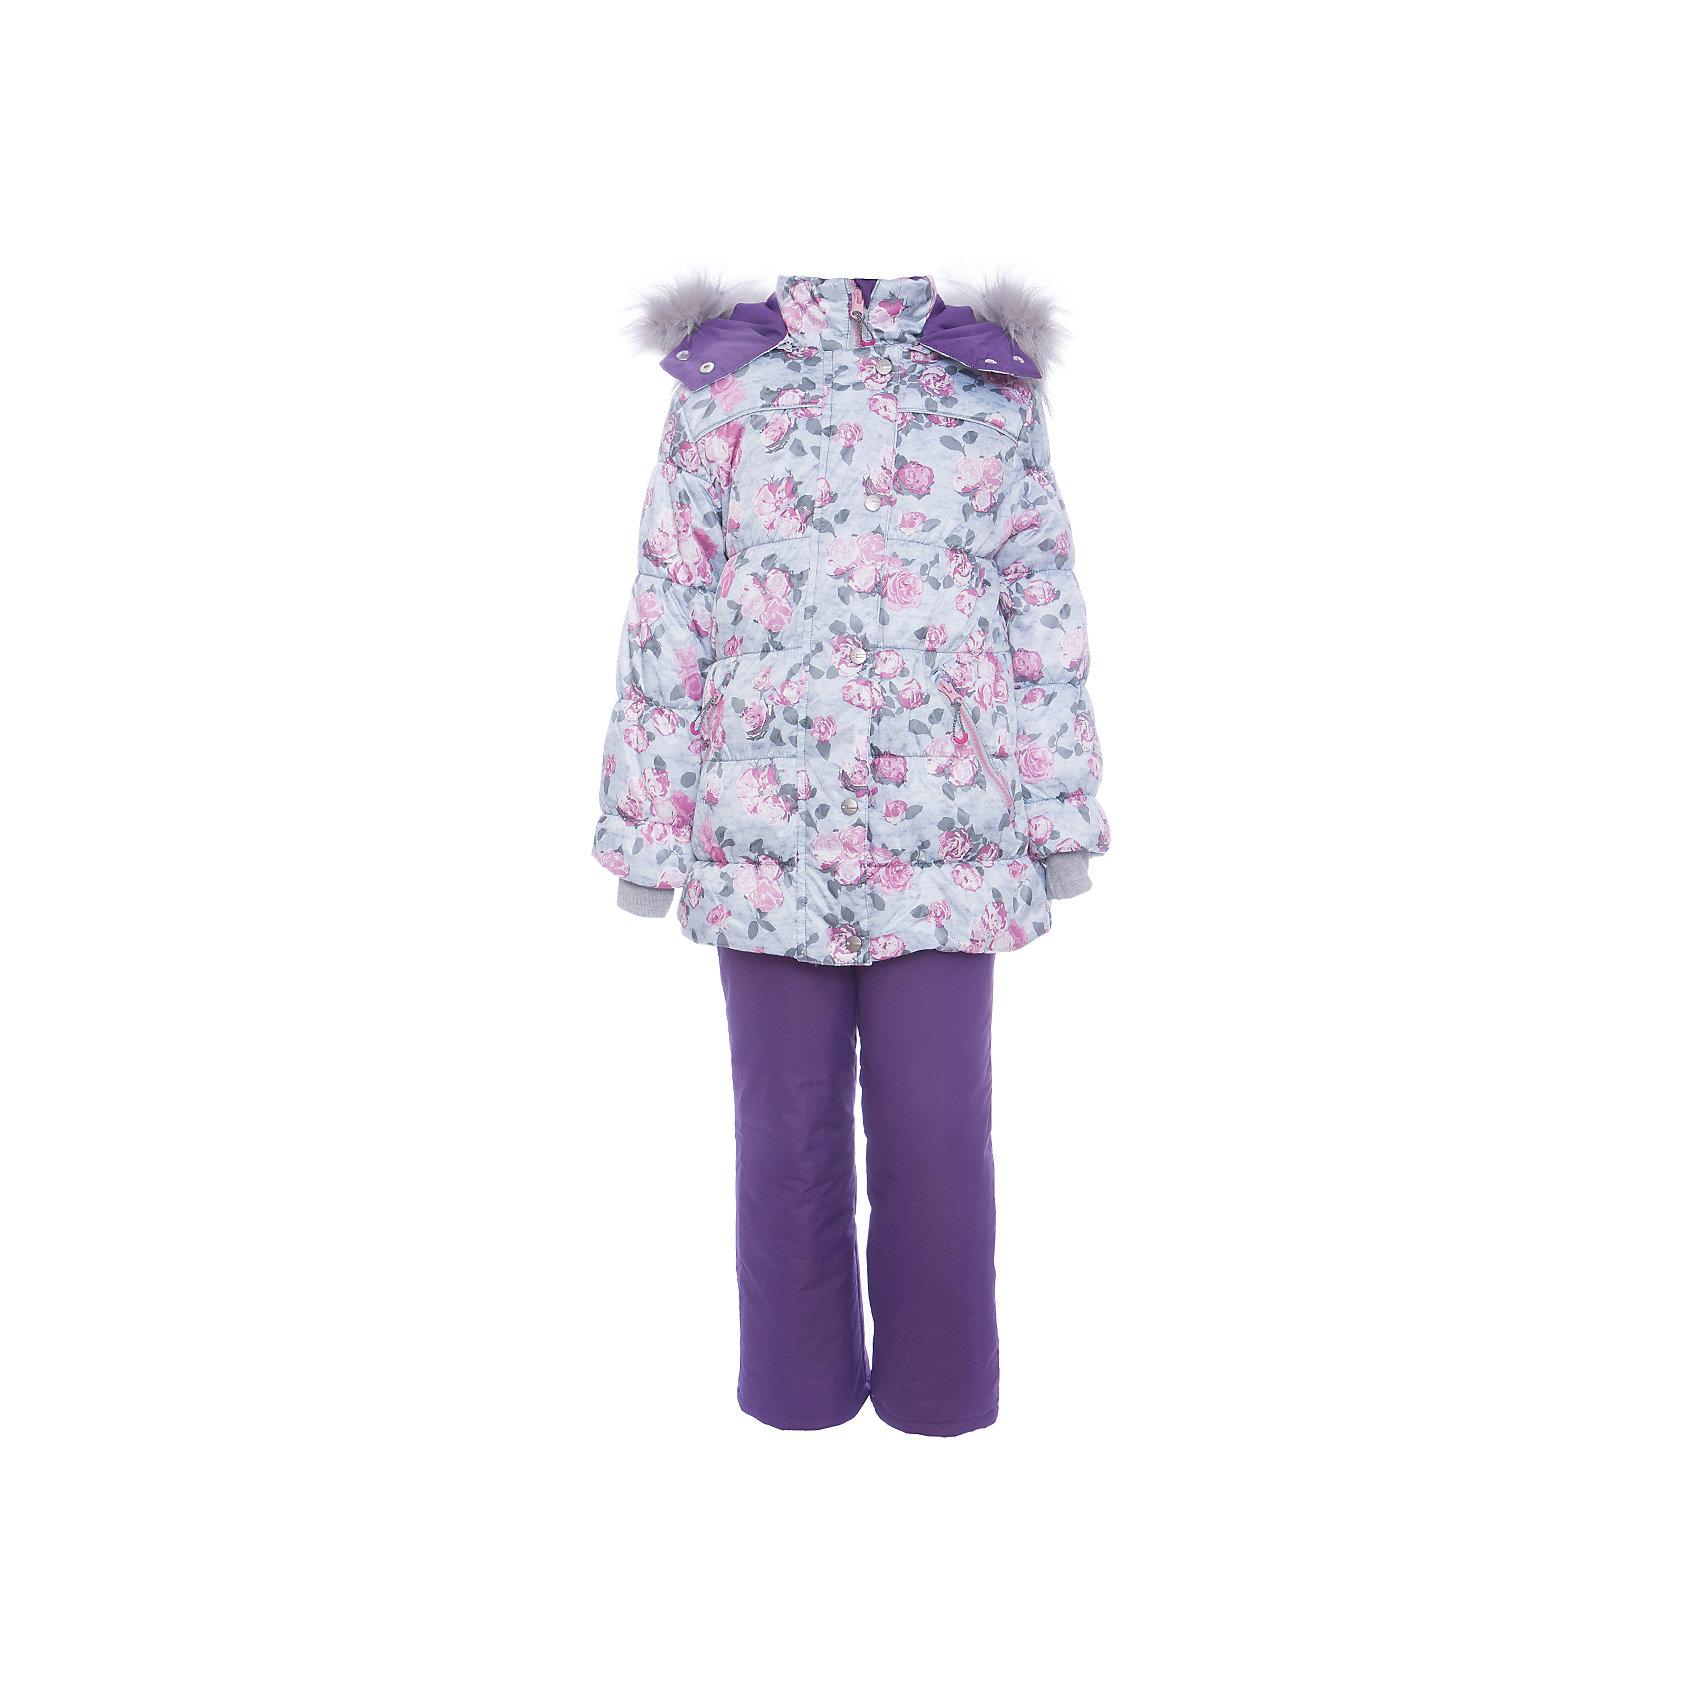 Комплект: куртка и полукомбенизон Белла Batik для девочкиВерхняя одежда<br>Характеристики товара:<br><br>• цвет: сиреневый<br>• комплектация: куртка и полукомбинезон <br>• состав ткани: твил<br>• подкладка: поларфлис<br>• утеплитель: слайтекс, синтепон <br>• сезон: зима<br>• мембранное покрытие<br>• температурный режим: от -35 до 0<br>• водонепроницаемость: 5000 мм <br>• паропроницаемость: 5000 г/м2<br>• плотность утеплителя: куртка - 300 г/м2, полукомбинезон - 200 г/м2<br>• застежка: молния<br>• капюшон: с мехом, отстегивается<br>• встроенный термодатчик<br>• страна бренда: Россия<br>• страна изготовитель: Россия<br><br>Модный мембранный комплект для девочки декорирован стильным принтом на курке и опушкой. Зимний комплект подходит и для морозной и сырой погоды. Материал детской зимней куртки и полукомбинезона надежно защитит от холода и ветра. Мягкая подкладка детского комплекта для зимы приятна на ощупь.<br><br>Комплект: куртка и полукомбинезон Белла Batik (Батик) для девочки можно купить в нашем интернет-магазине.<br><br>Ширина мм: 356<br>Глубина мм: 10<br>Высота мм: 245<br>Вес г: 519<br>Цвет: лиловый<br>Возраст от месяцев: 72<br>Возраст до месяцев: 84<br>Пол: Женский<br>Возраст: Детский<br>Размер: 122,110,104,116<br>SKU: 7028177